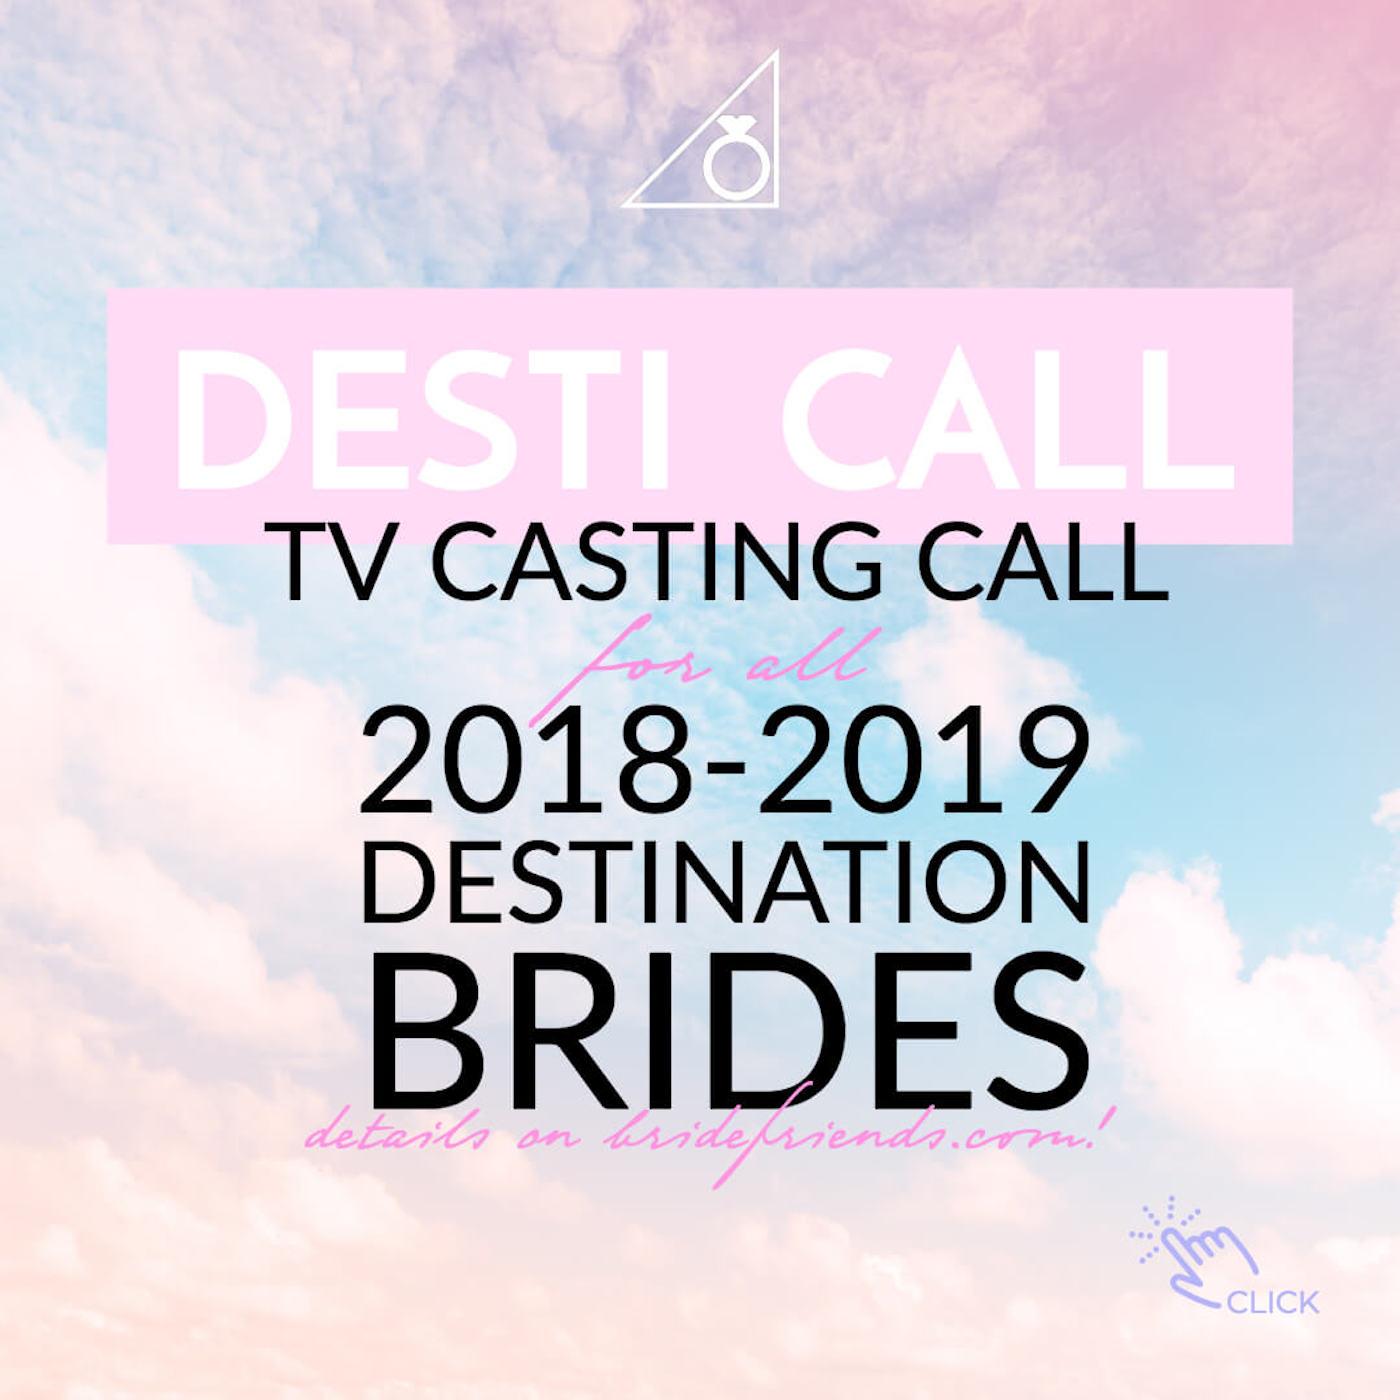 desti-call-black-destination-bride-destination-wedding-bride-groom-couple-bridefriends- tv-casting-call-shareable-1